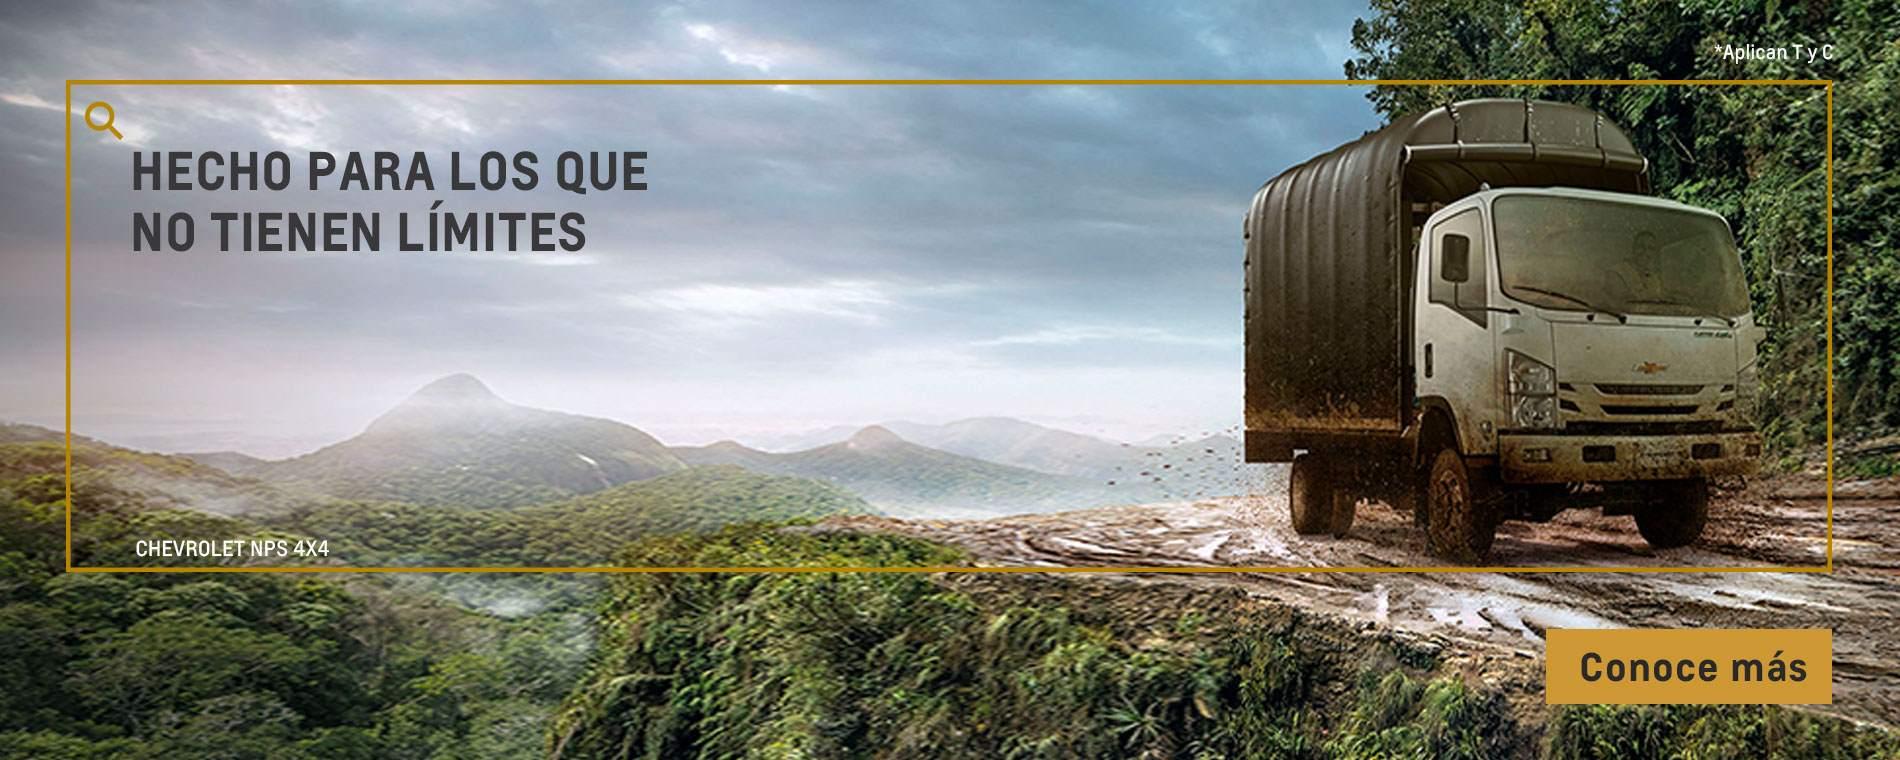 Chevrolet Colombia - camiones - NPS Reward 4X4